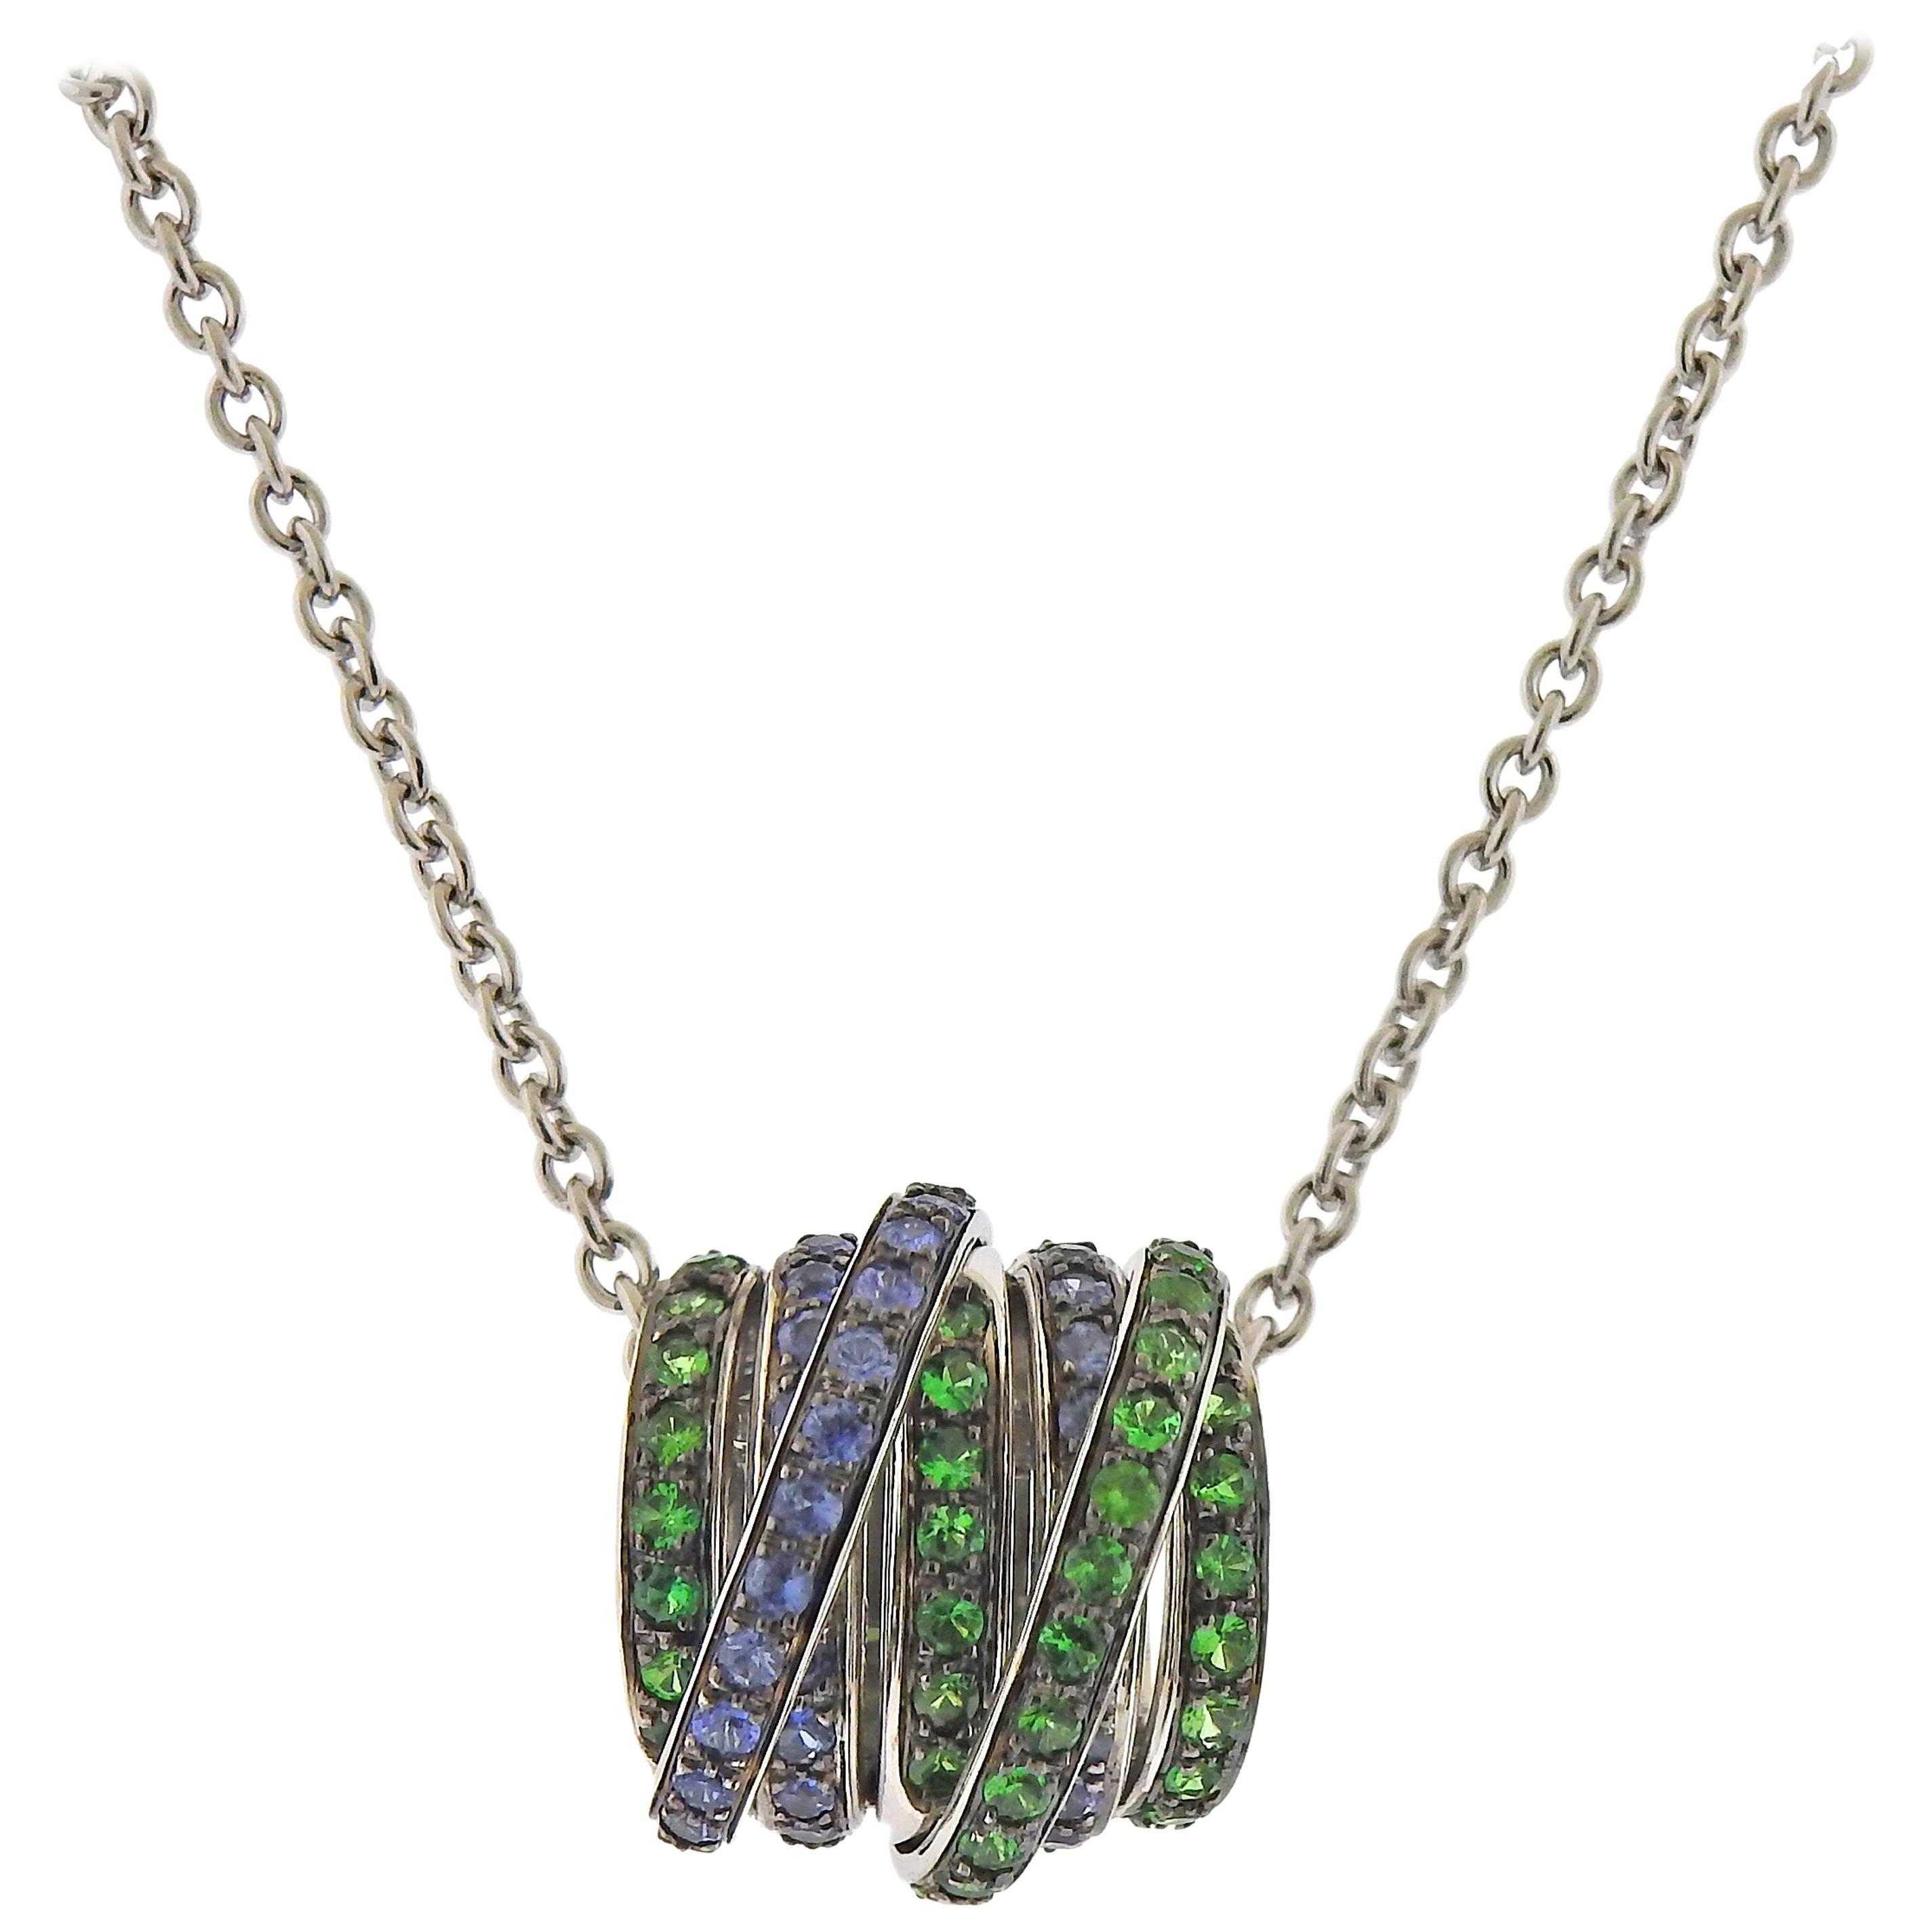 De Grisogono Allegra Tsavorite Sapphire White Gold Pendant Necklace